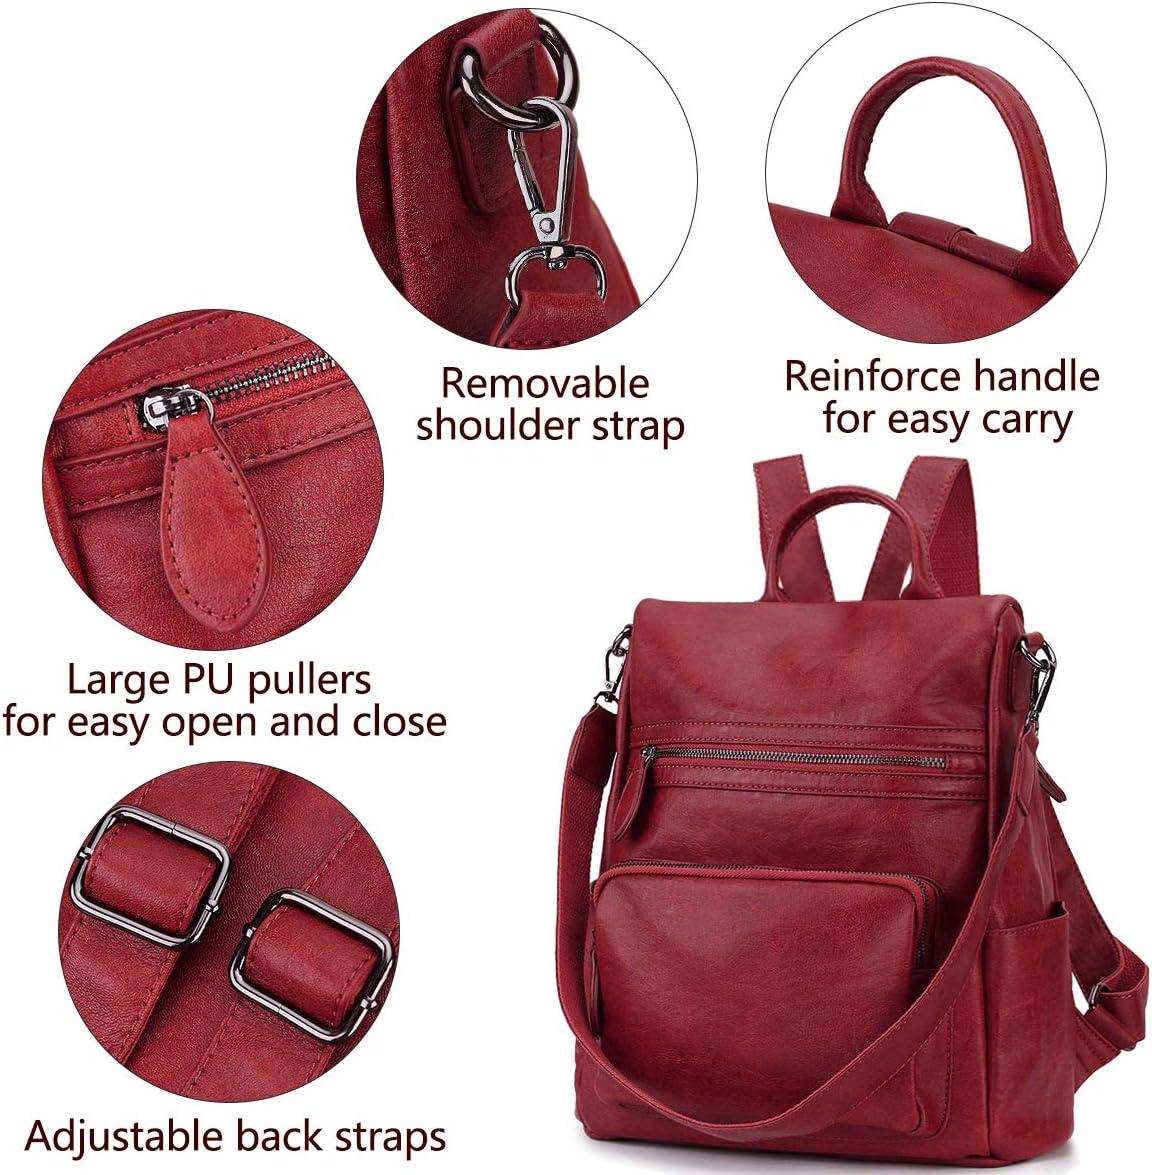 Rosso Zaino Donna,Antifurto Borsa Zaino Zainetto in Pelle PU Zaino alla Moda con Tracolla Casuale Daypack Borse a Mano Backpack Daypack per Scuola Viaggio